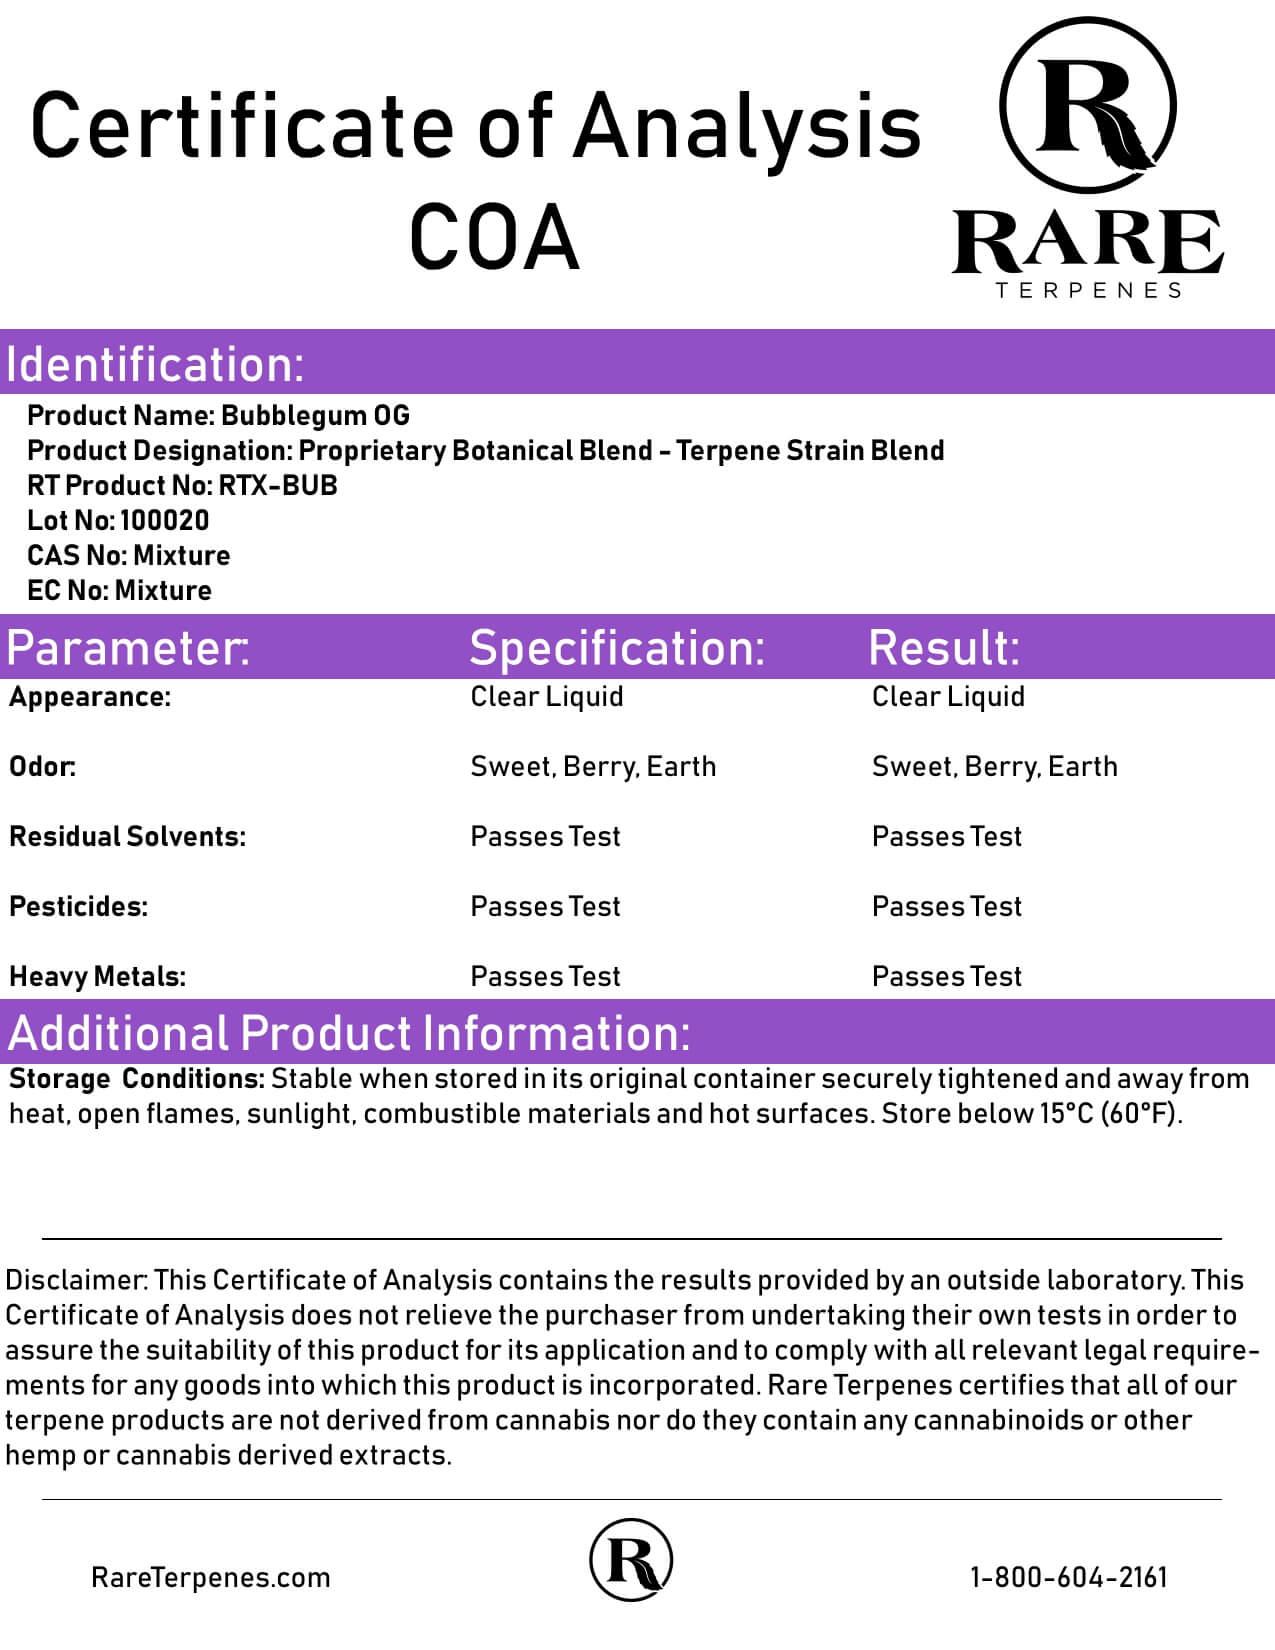 Rare Terpenes Tepene Strain Blends Bubblegum OG Lab Report